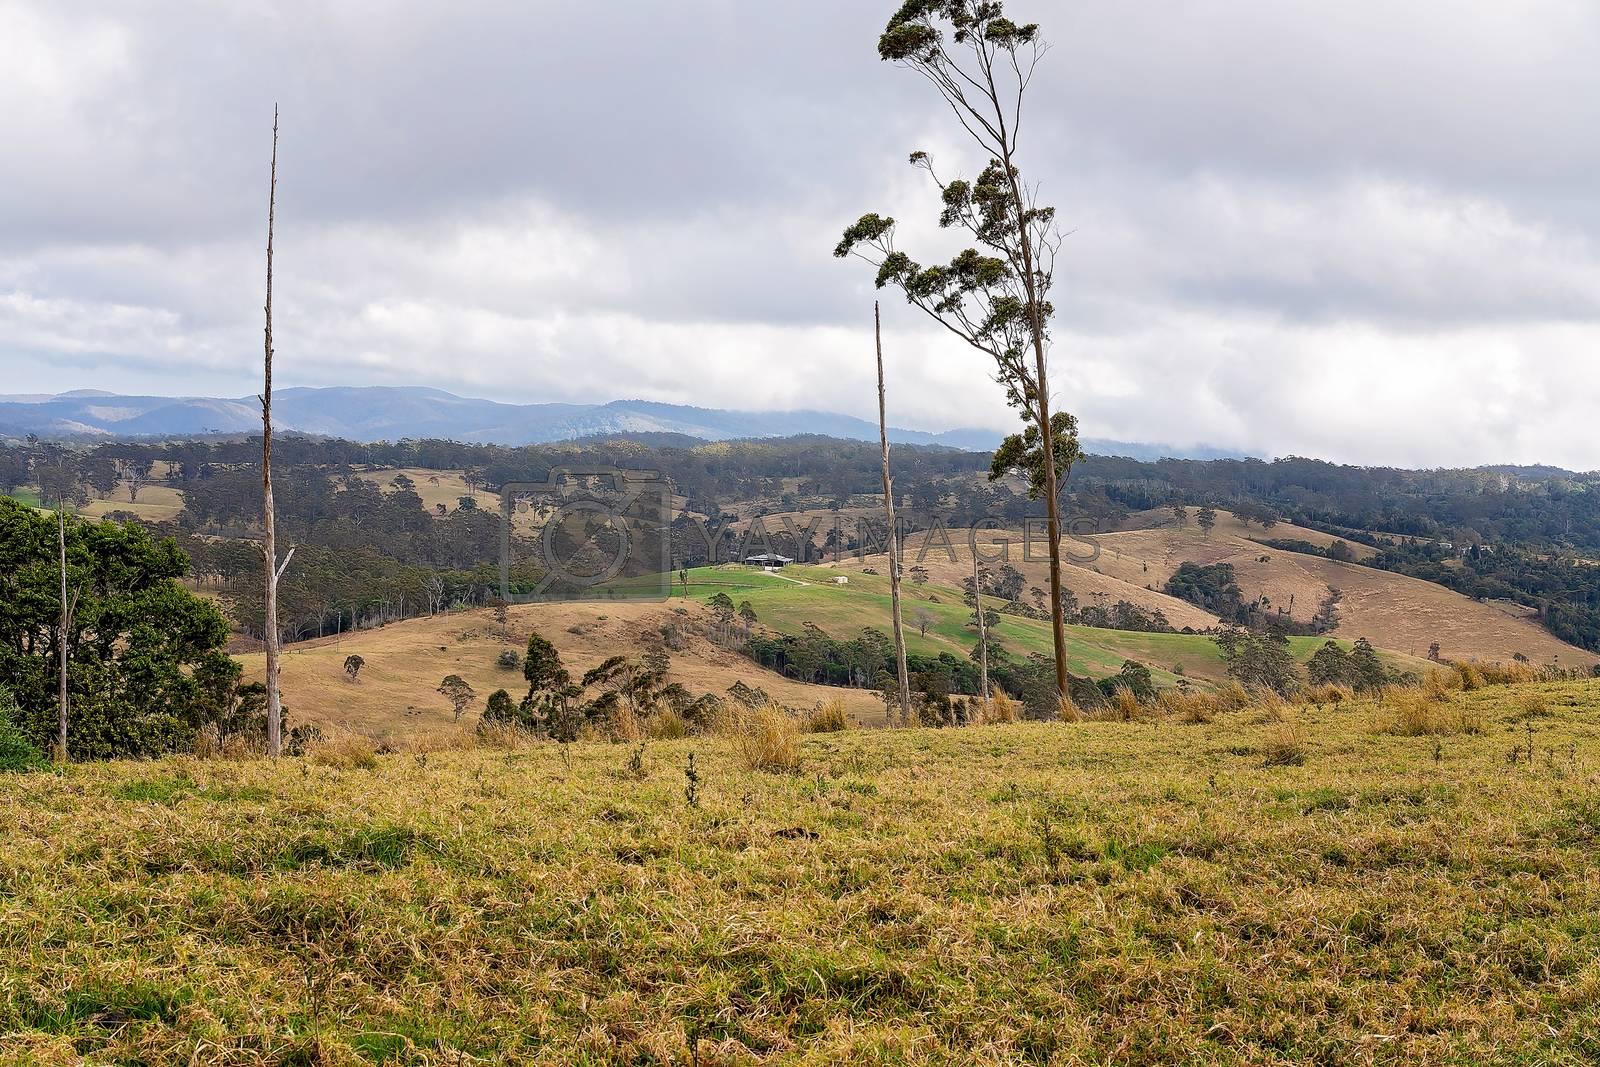 Australian dairy farms along a mountaintop